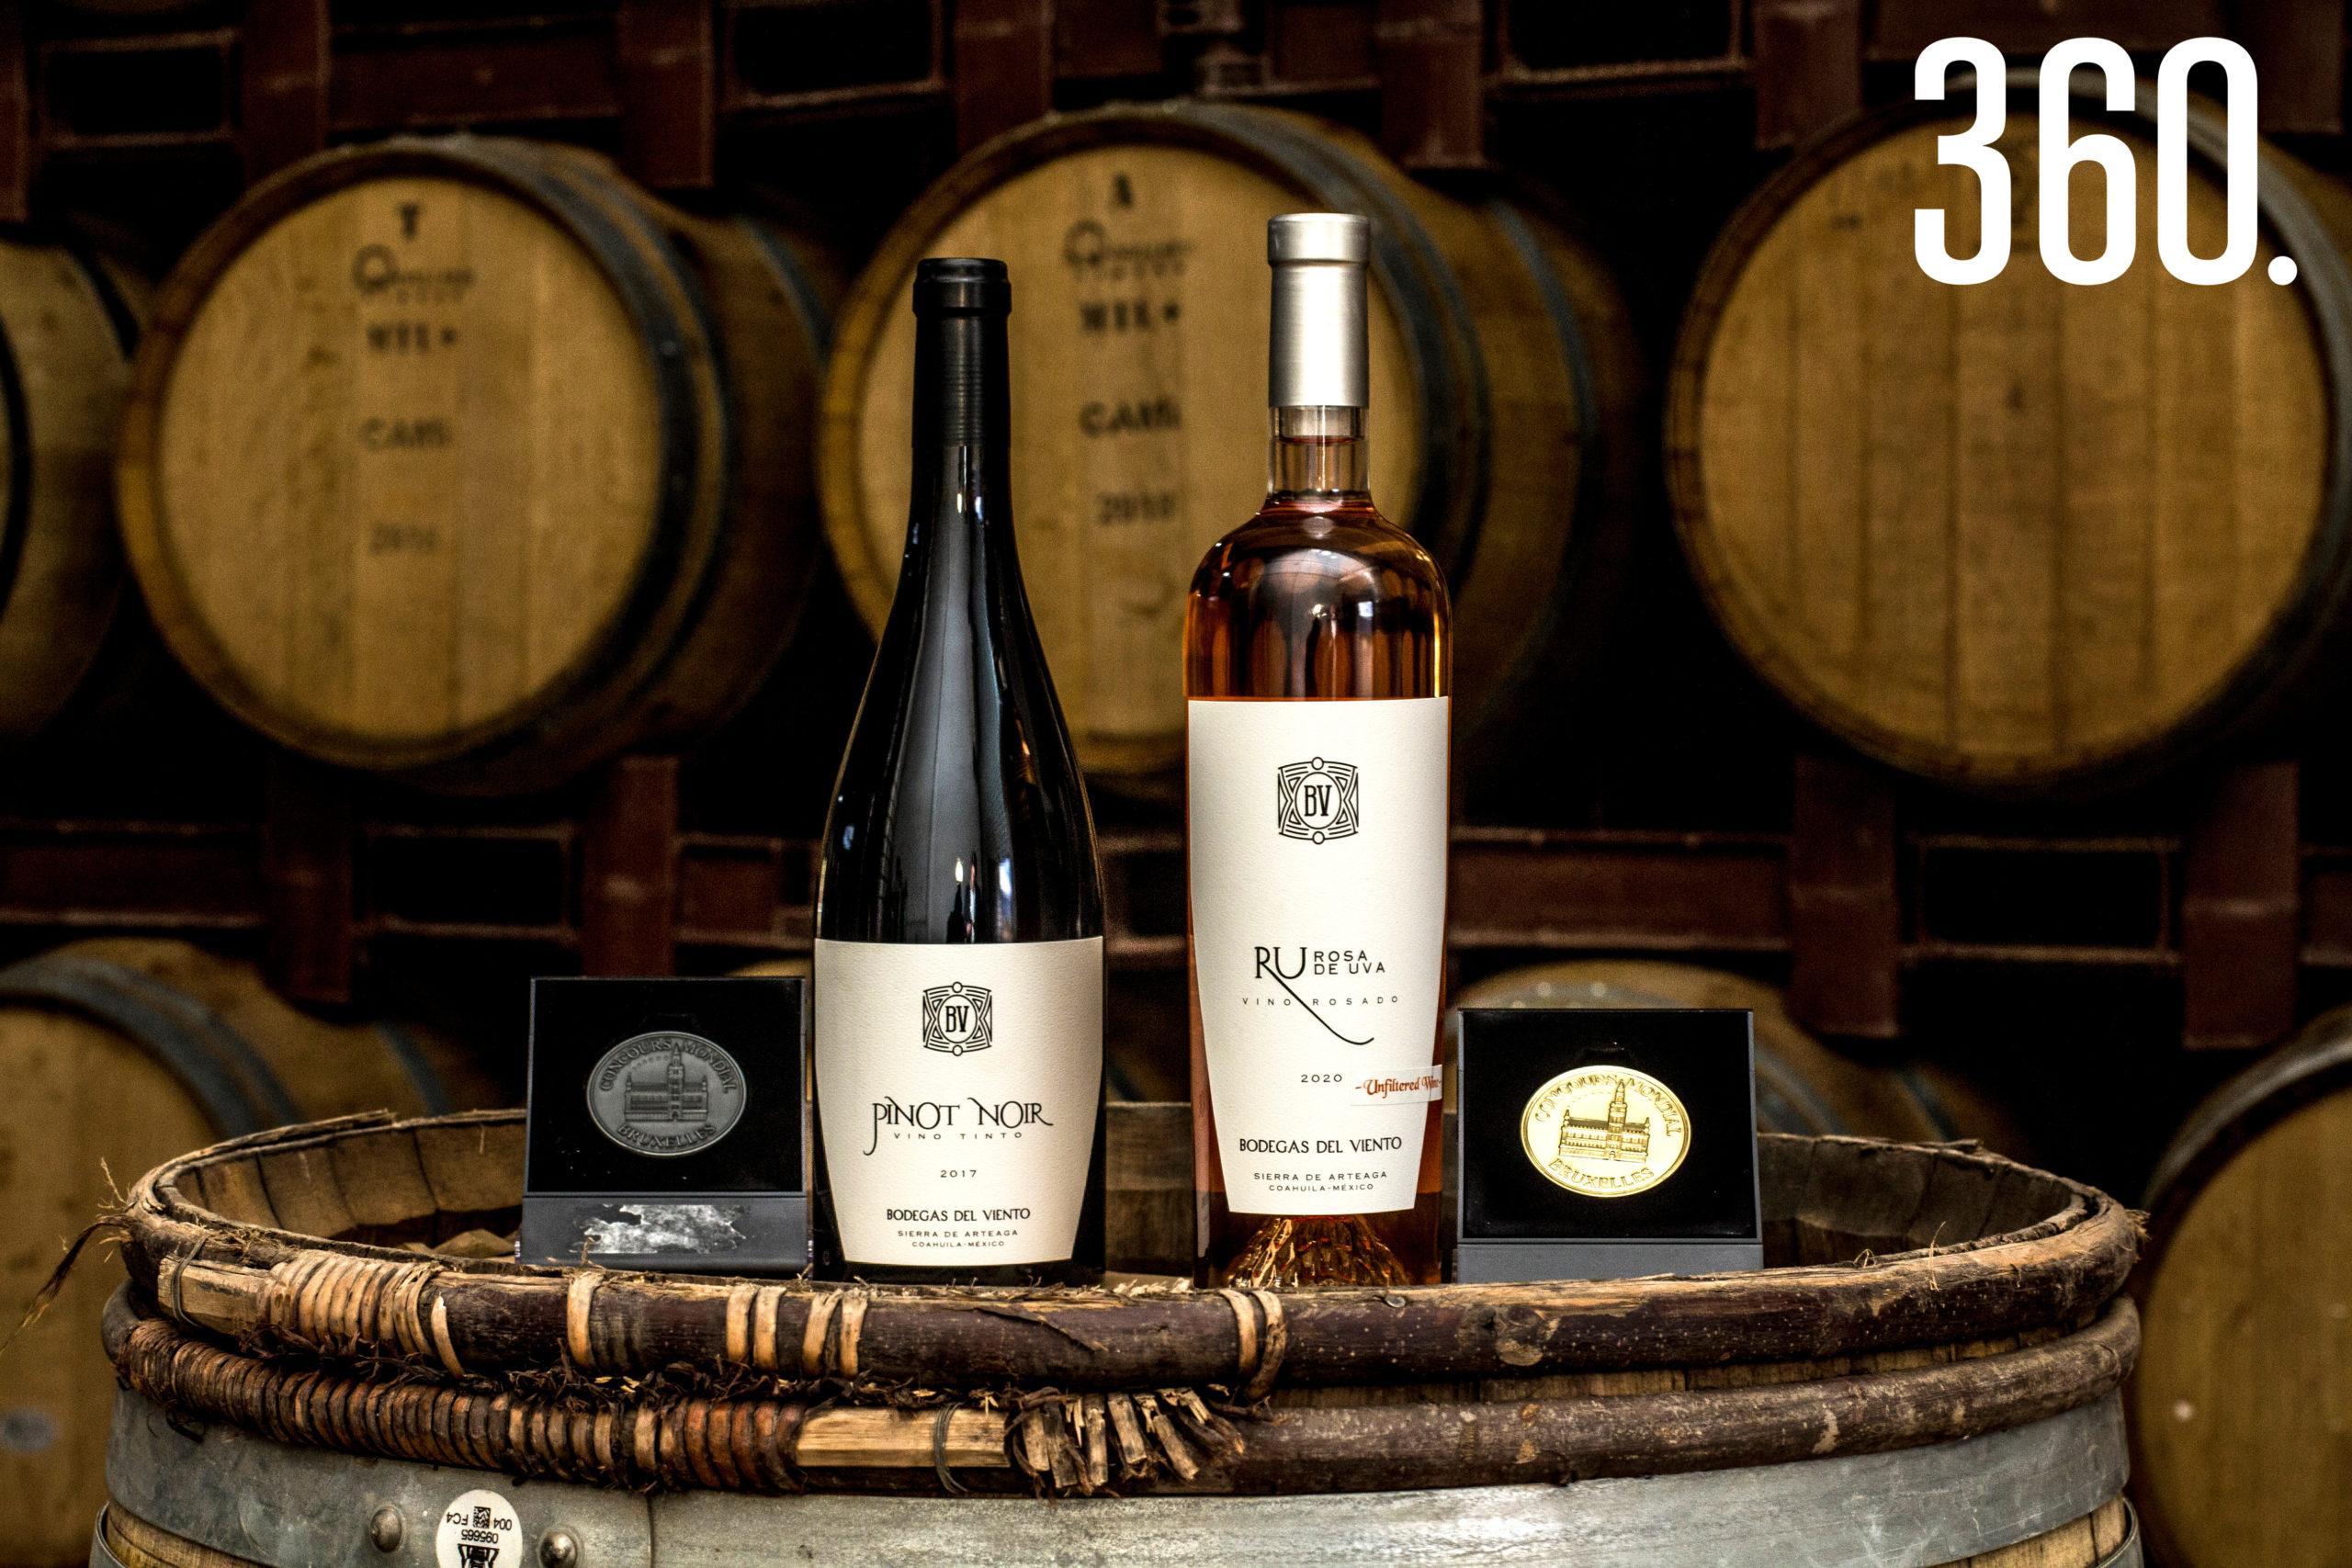 Las botellas Pinot Noir y Ru Rosa de Uva recibieron una plata y un gran oro, respectivamente.